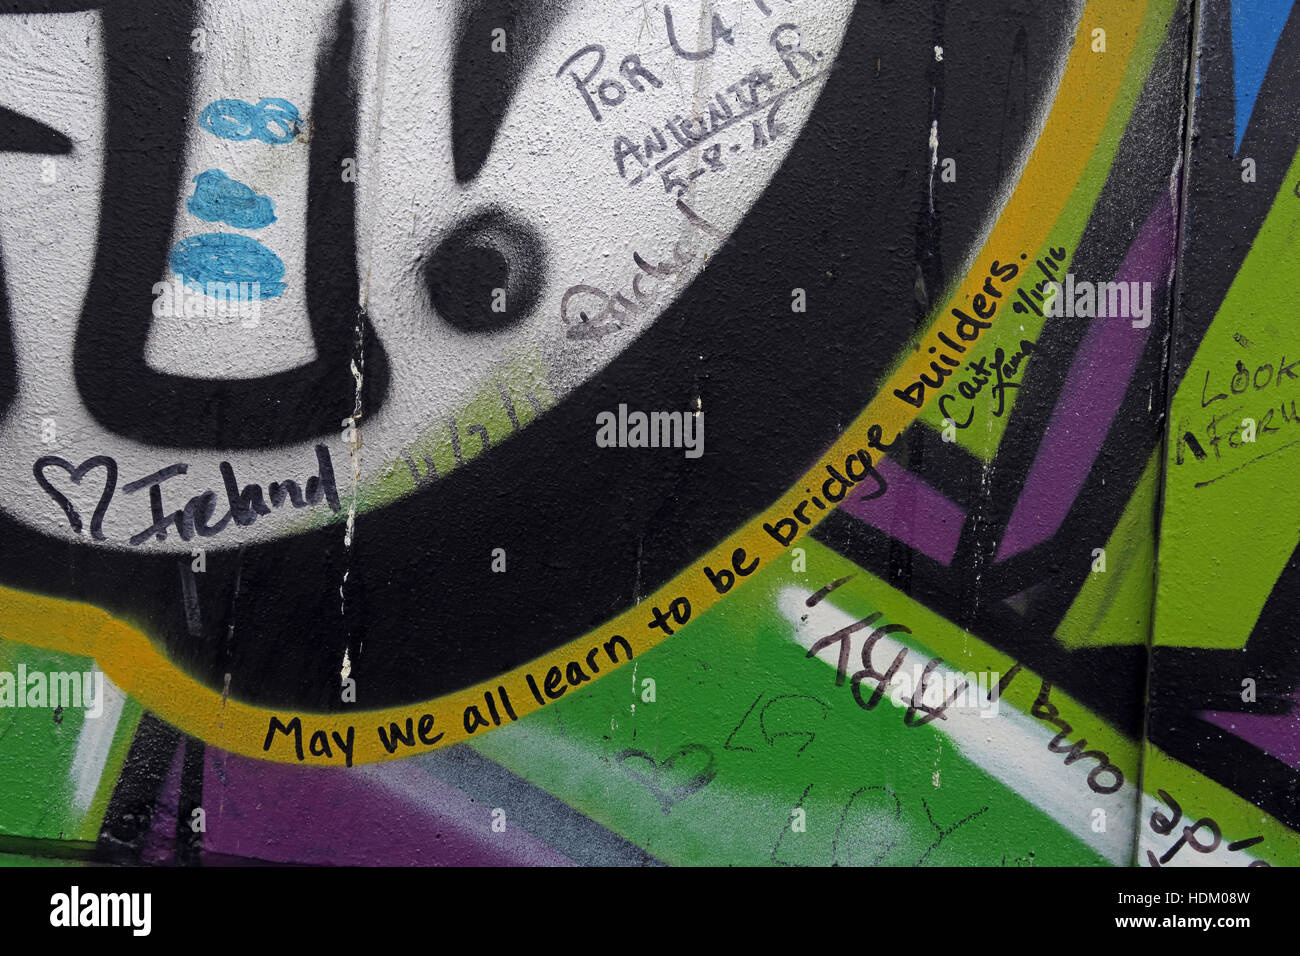 Laden Sie dieses Alamy Stockfoto Können wir alle lernen, werden Brückenbauer - Belfast International Peace Wall Graffiti, Cupar Weg, West Belfast, NI, UK - HDM08W